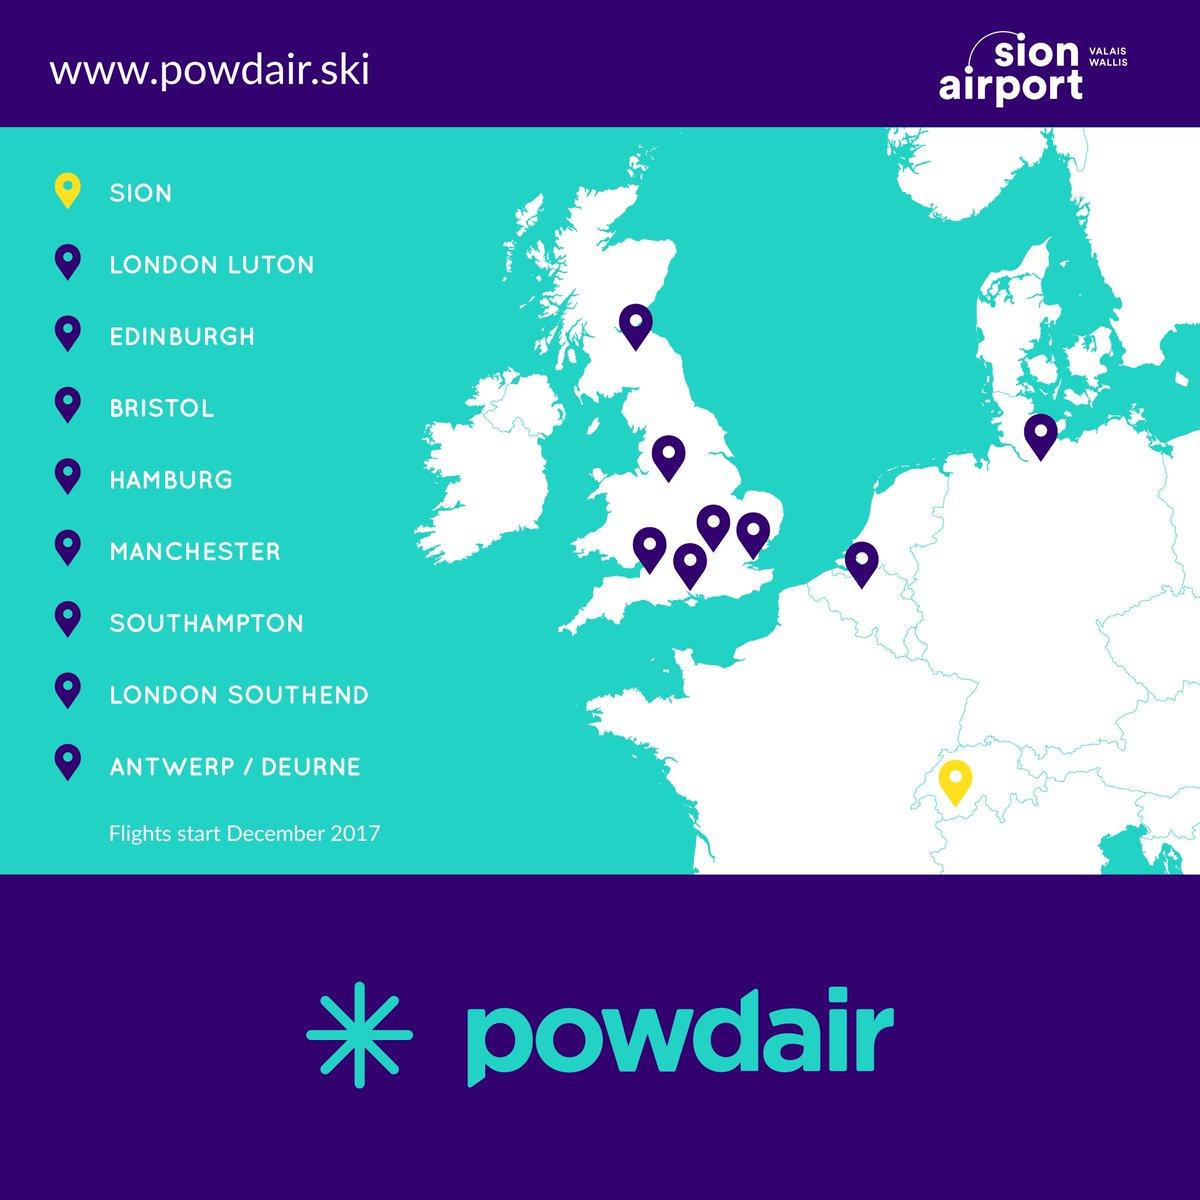 Resultado de imagen para Powdair